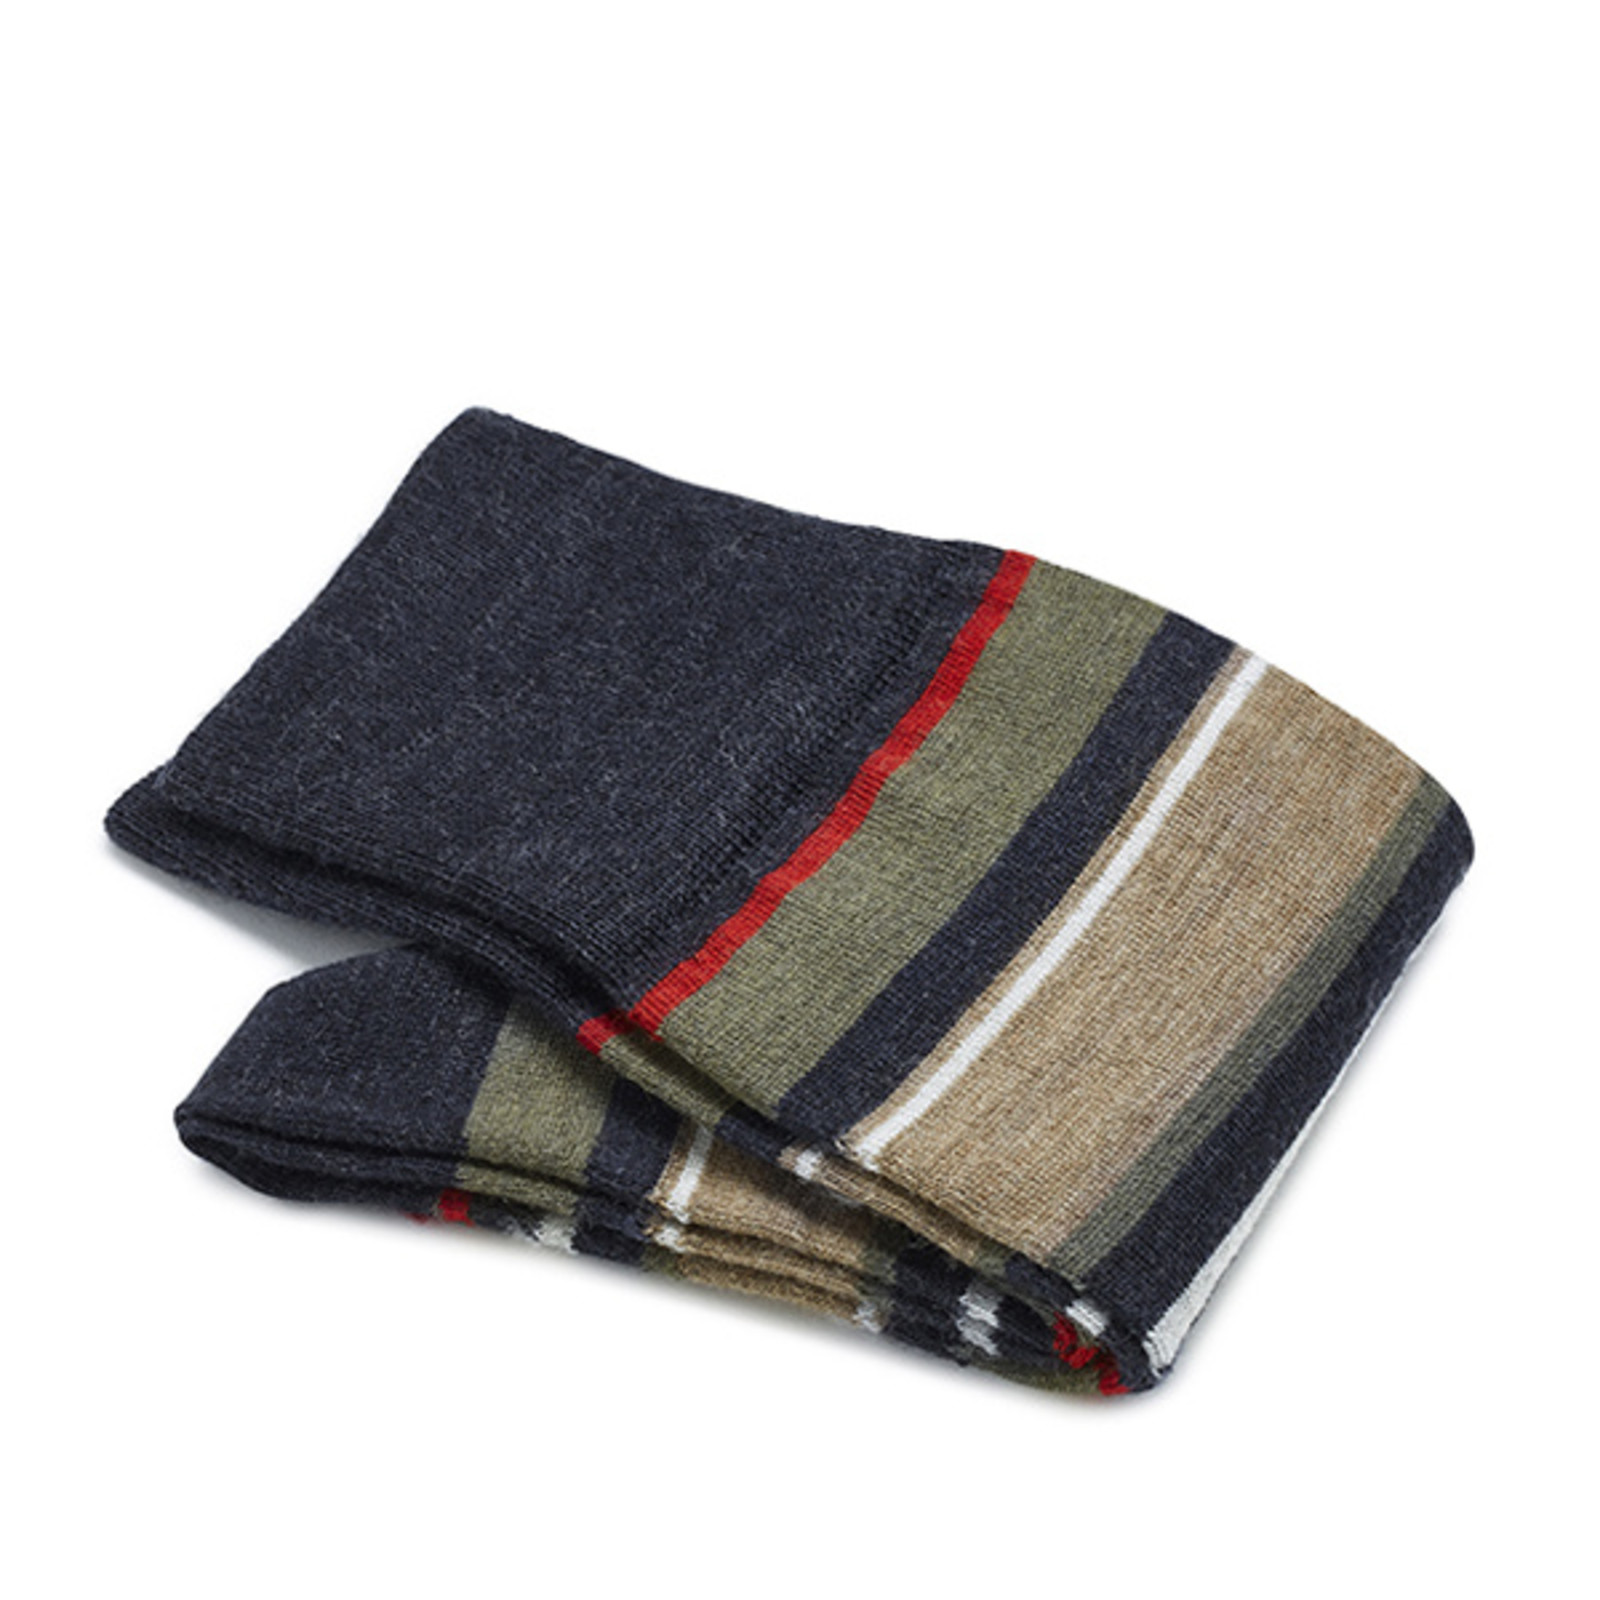 Carlo Lanza Roten gestreifte Socken Merino Wolle